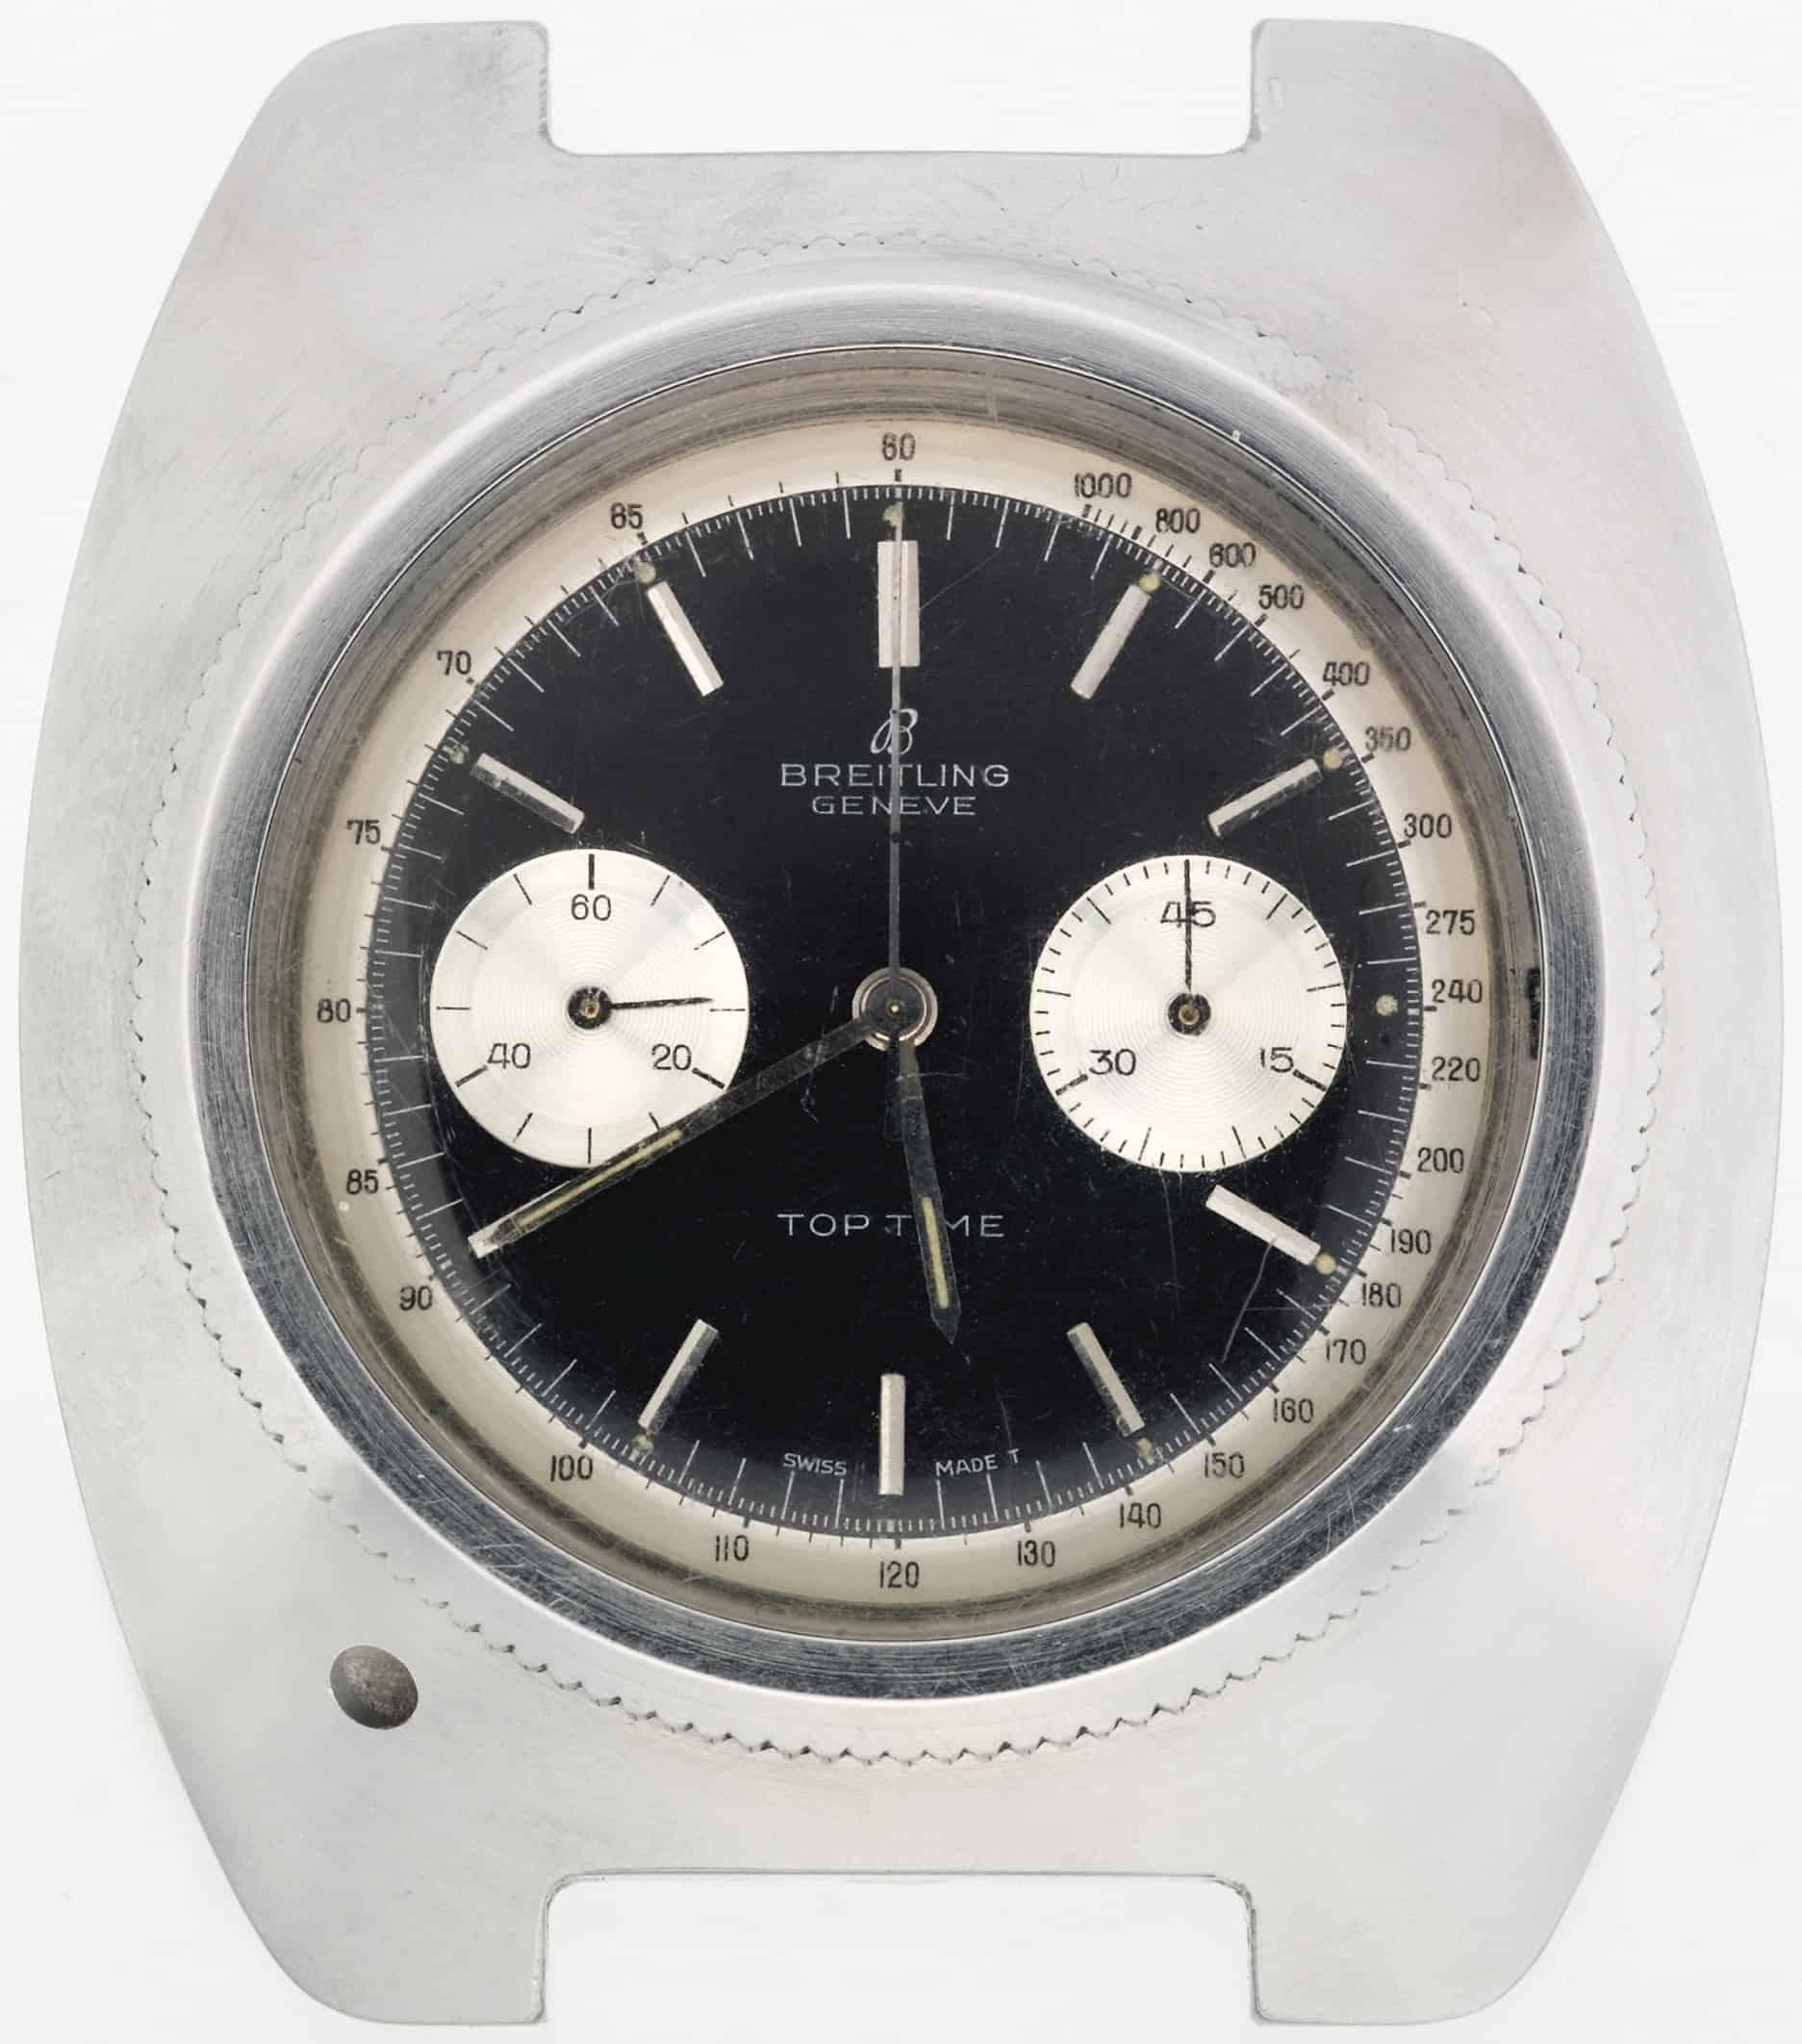 שעון הברייטלינג טופ-טיים של ג'יימס בונד